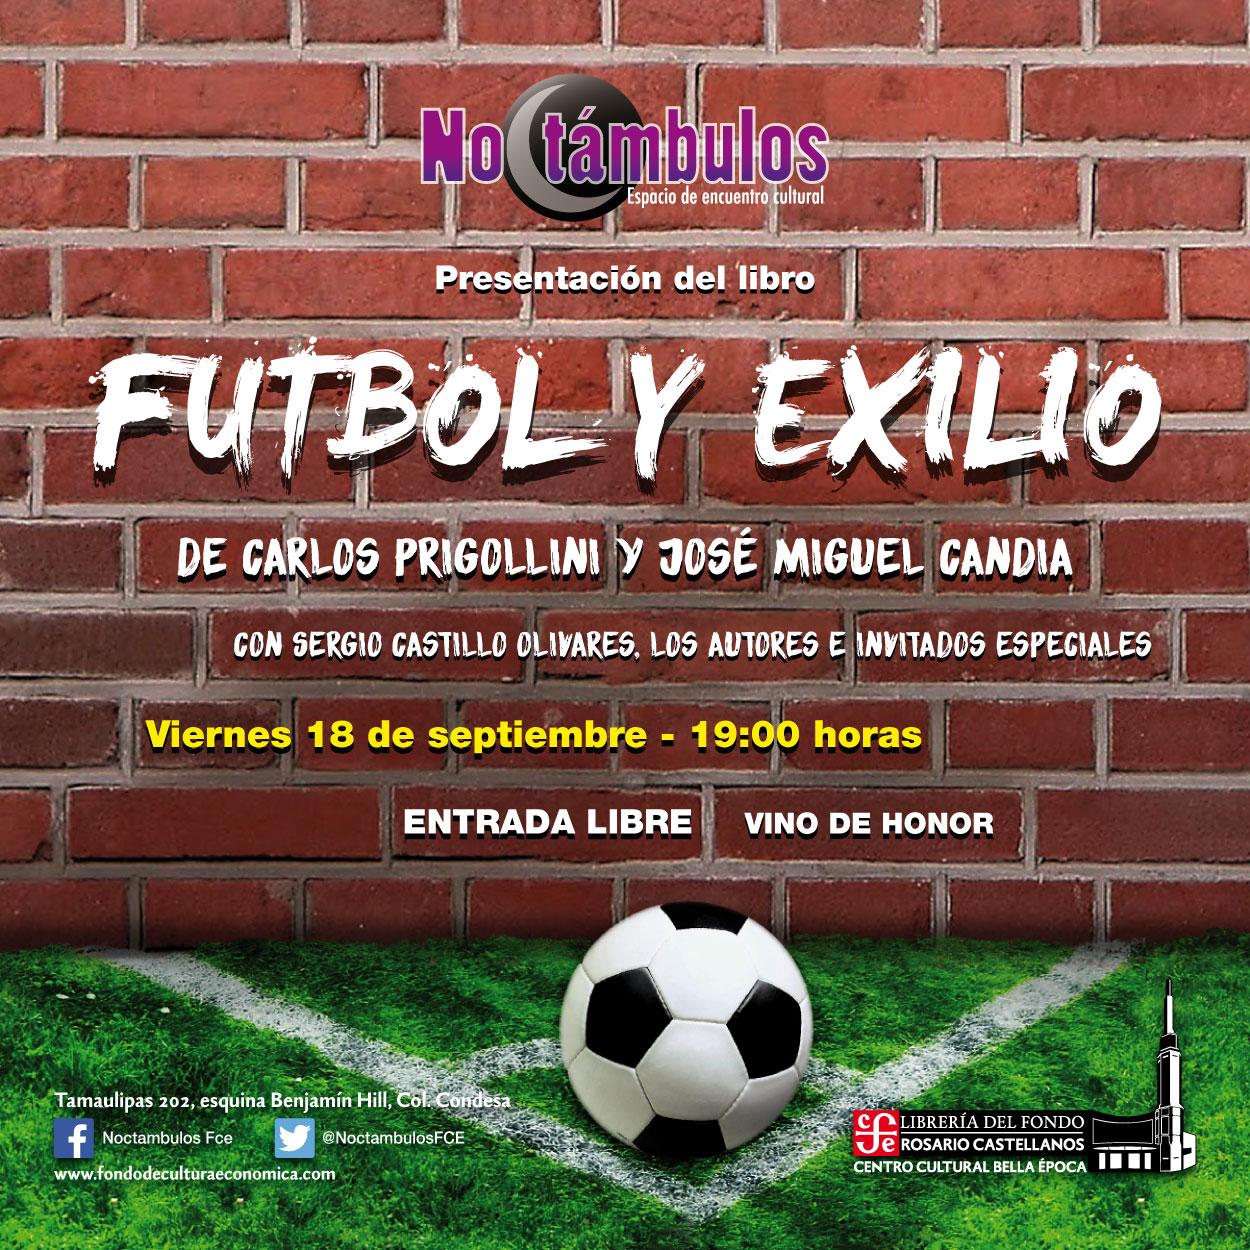 futbol y sociedad: